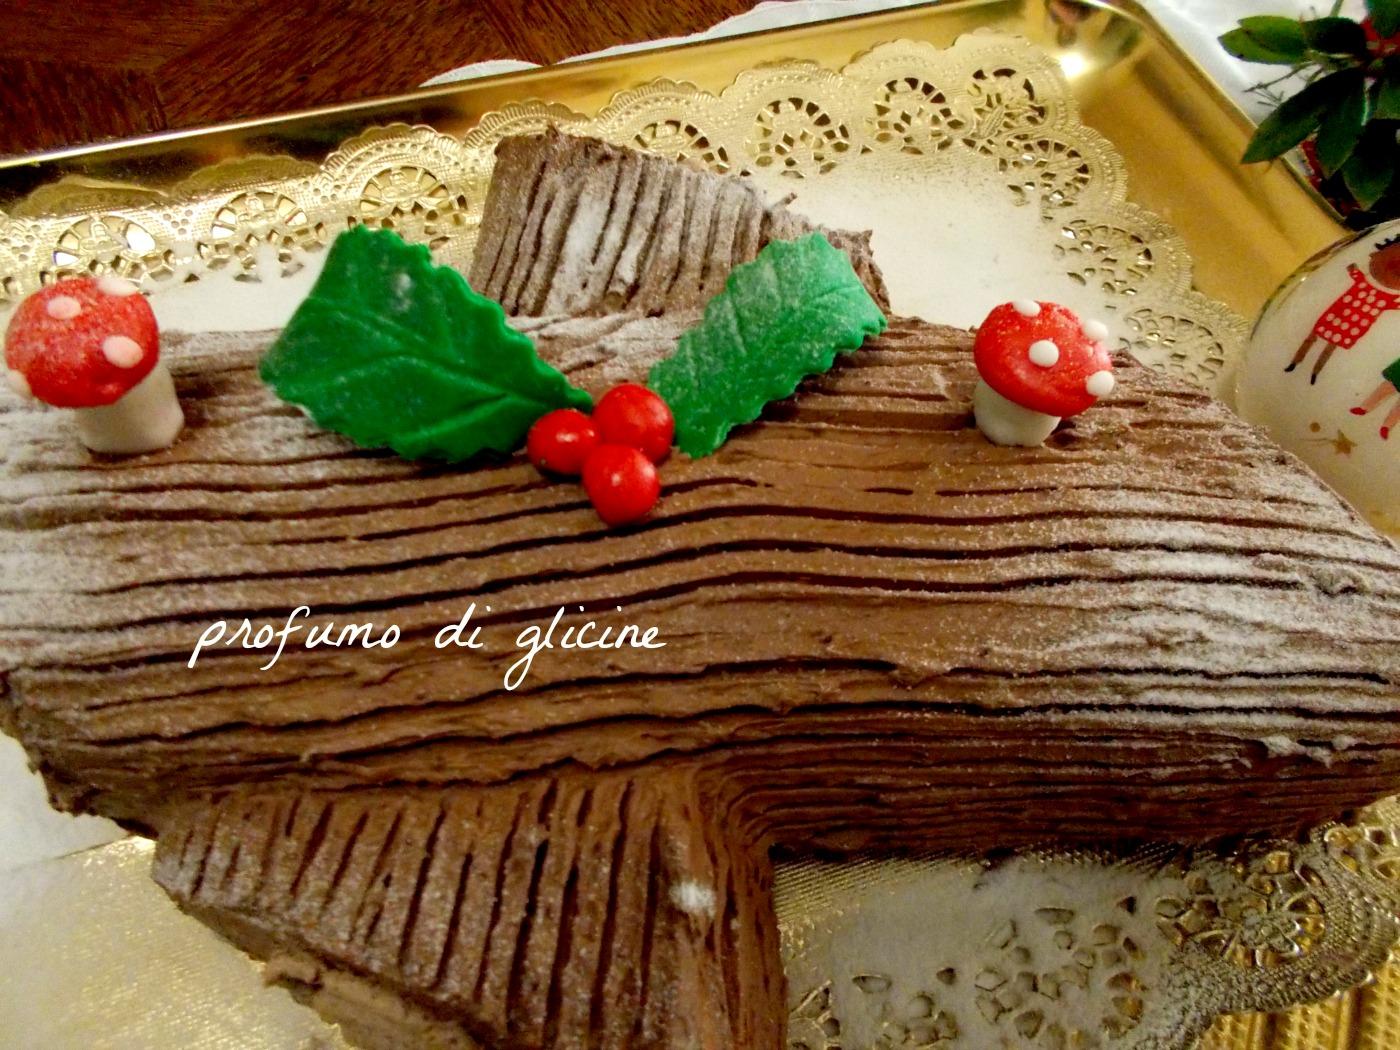 Tronchetto Di Natale Leggero.Tronchetto Di Natale Al Torrone E Nocciole Ricetta Passo Passo